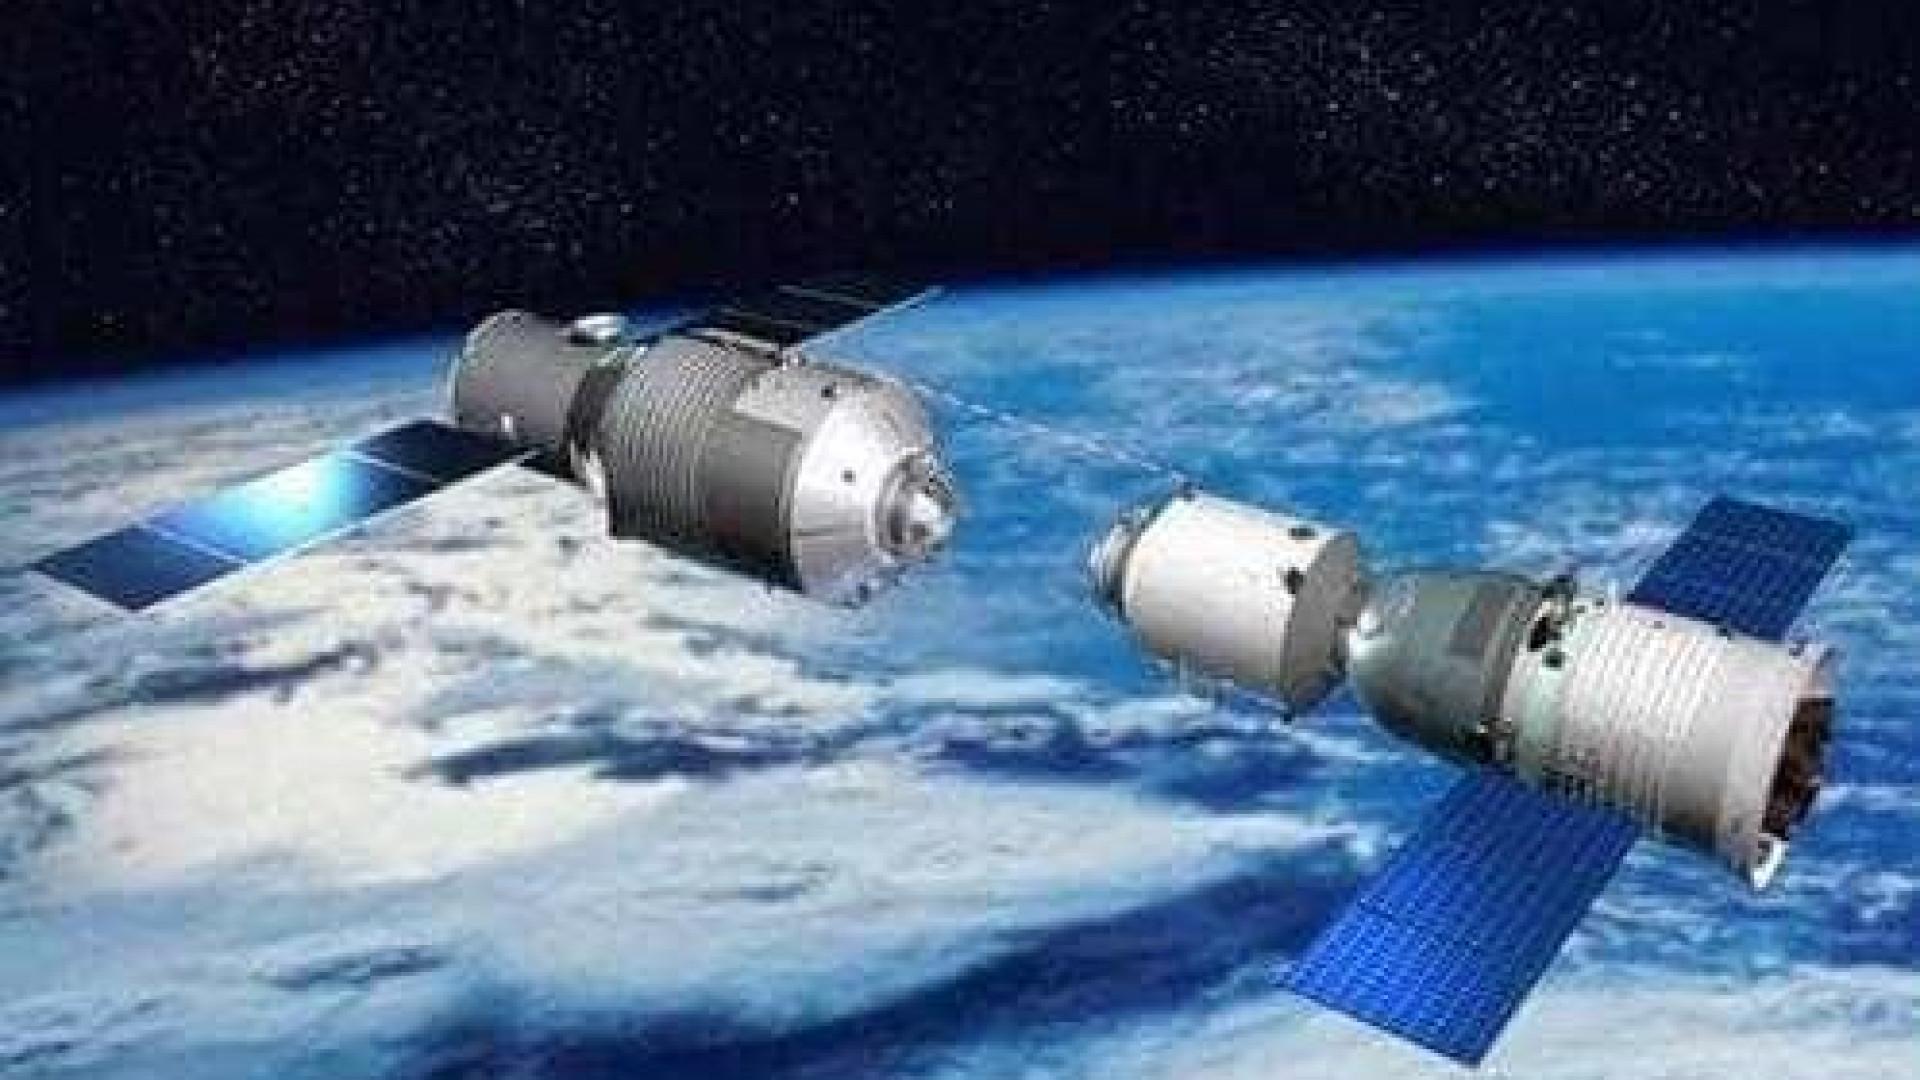 Estação espacial chinesa descontrolada cairá na Terra nos próximos meses